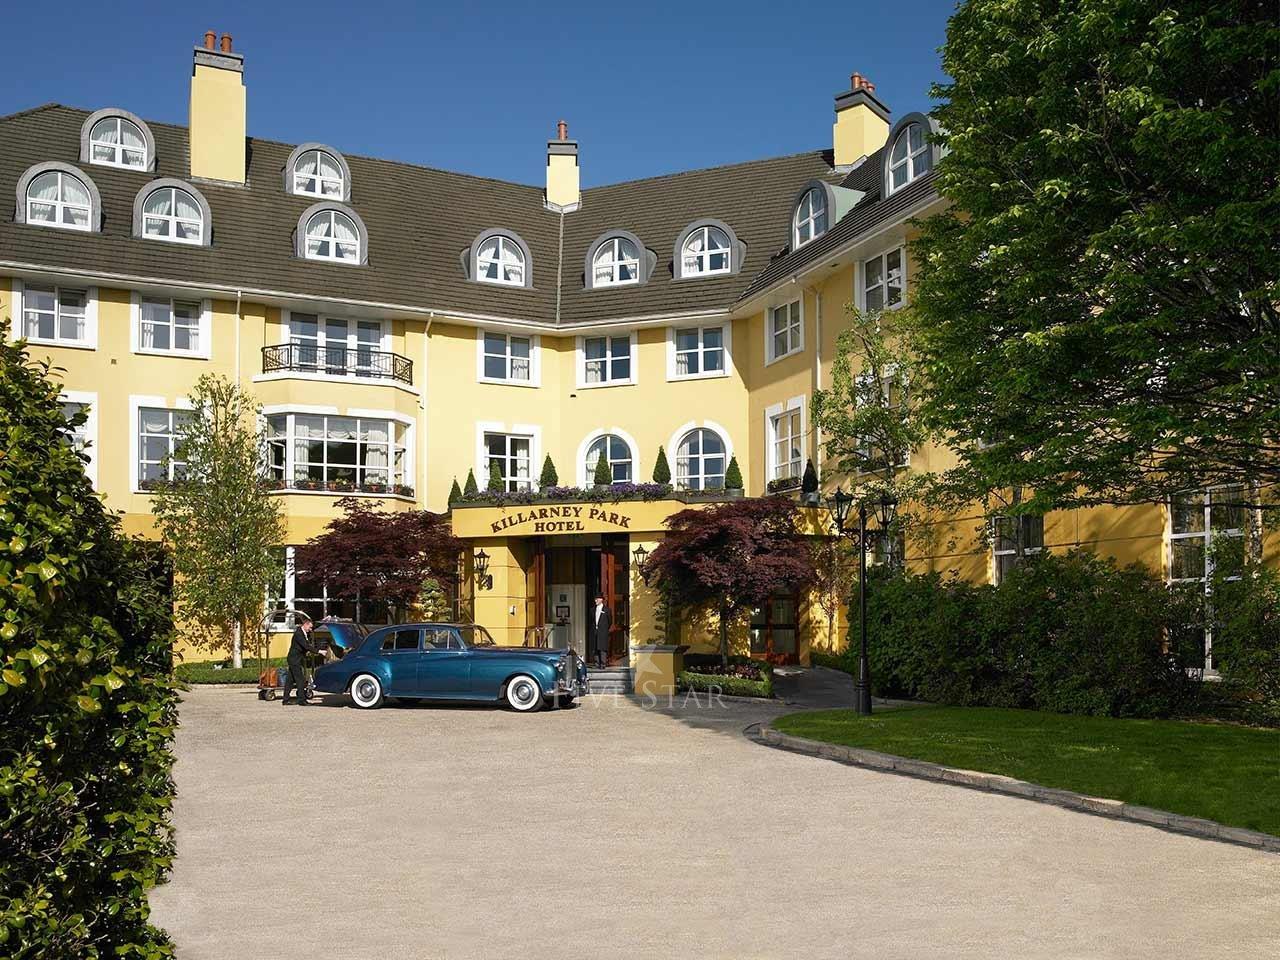 Killarney Park Hotel photo 1